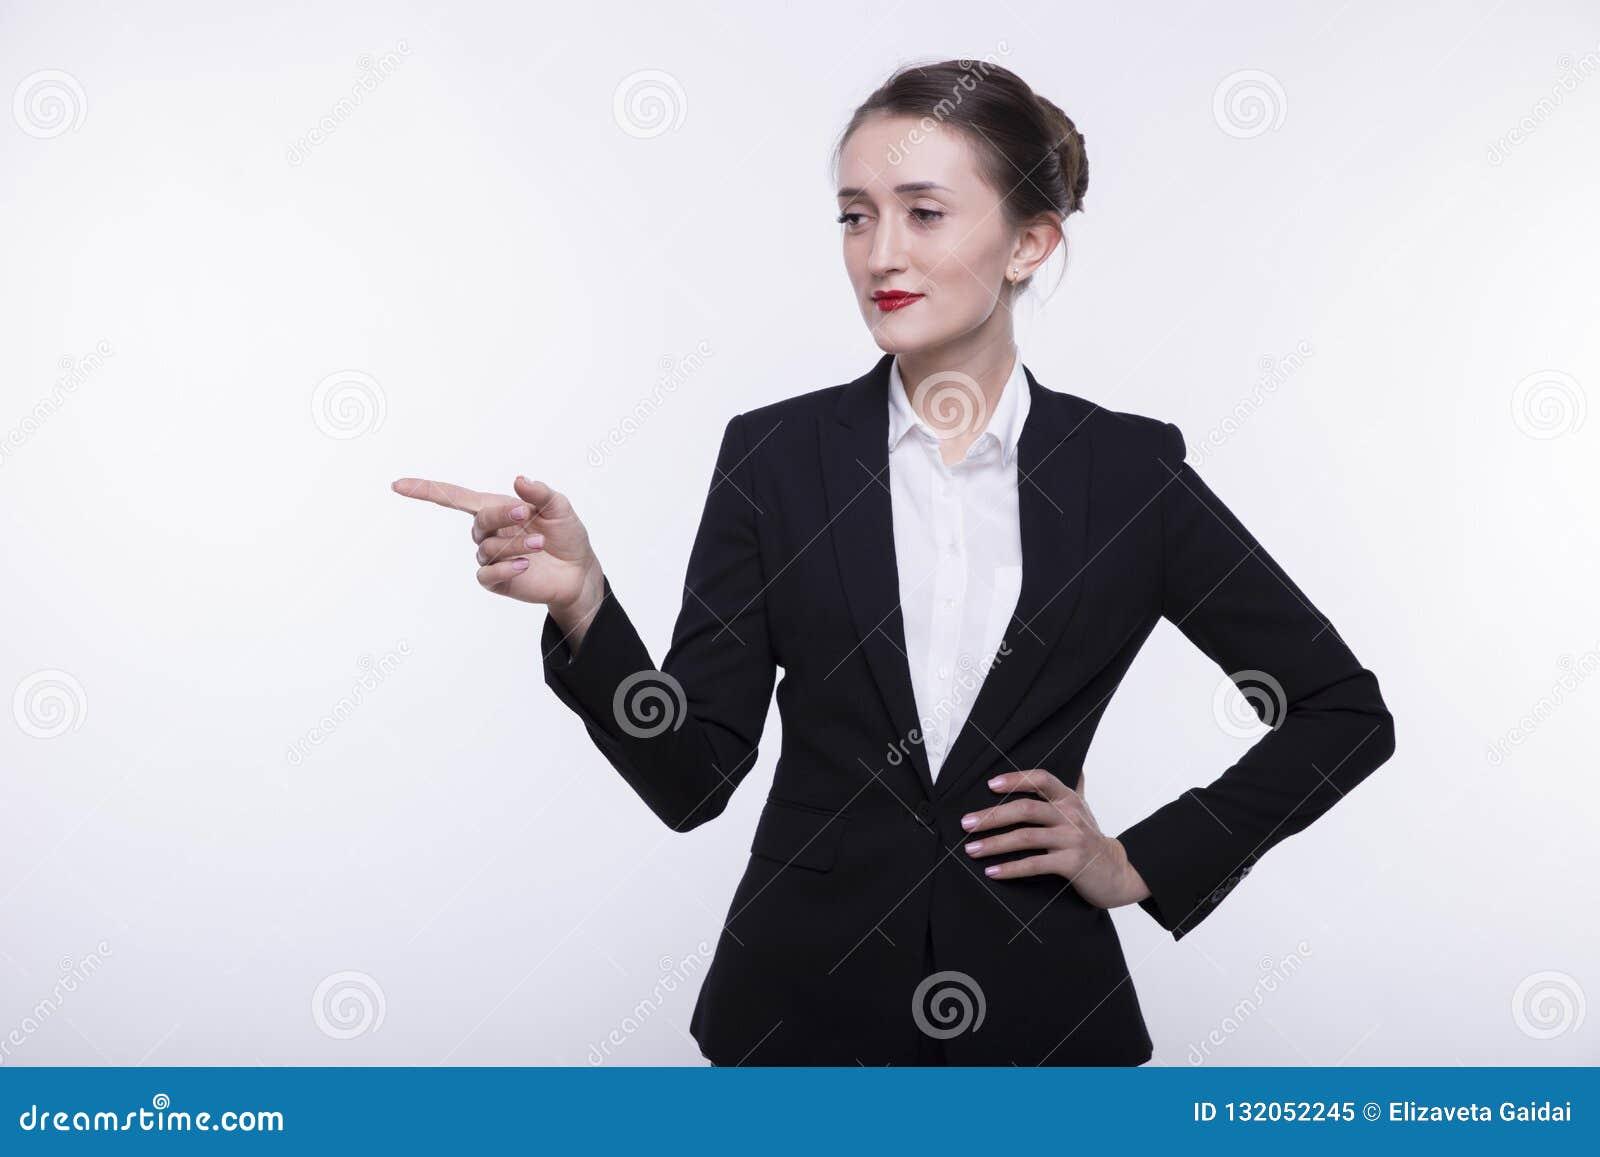 Overhemd Voor Pak.Modieus Expressief Jong Meisje Met Lang Haar In Een Donker Pak En